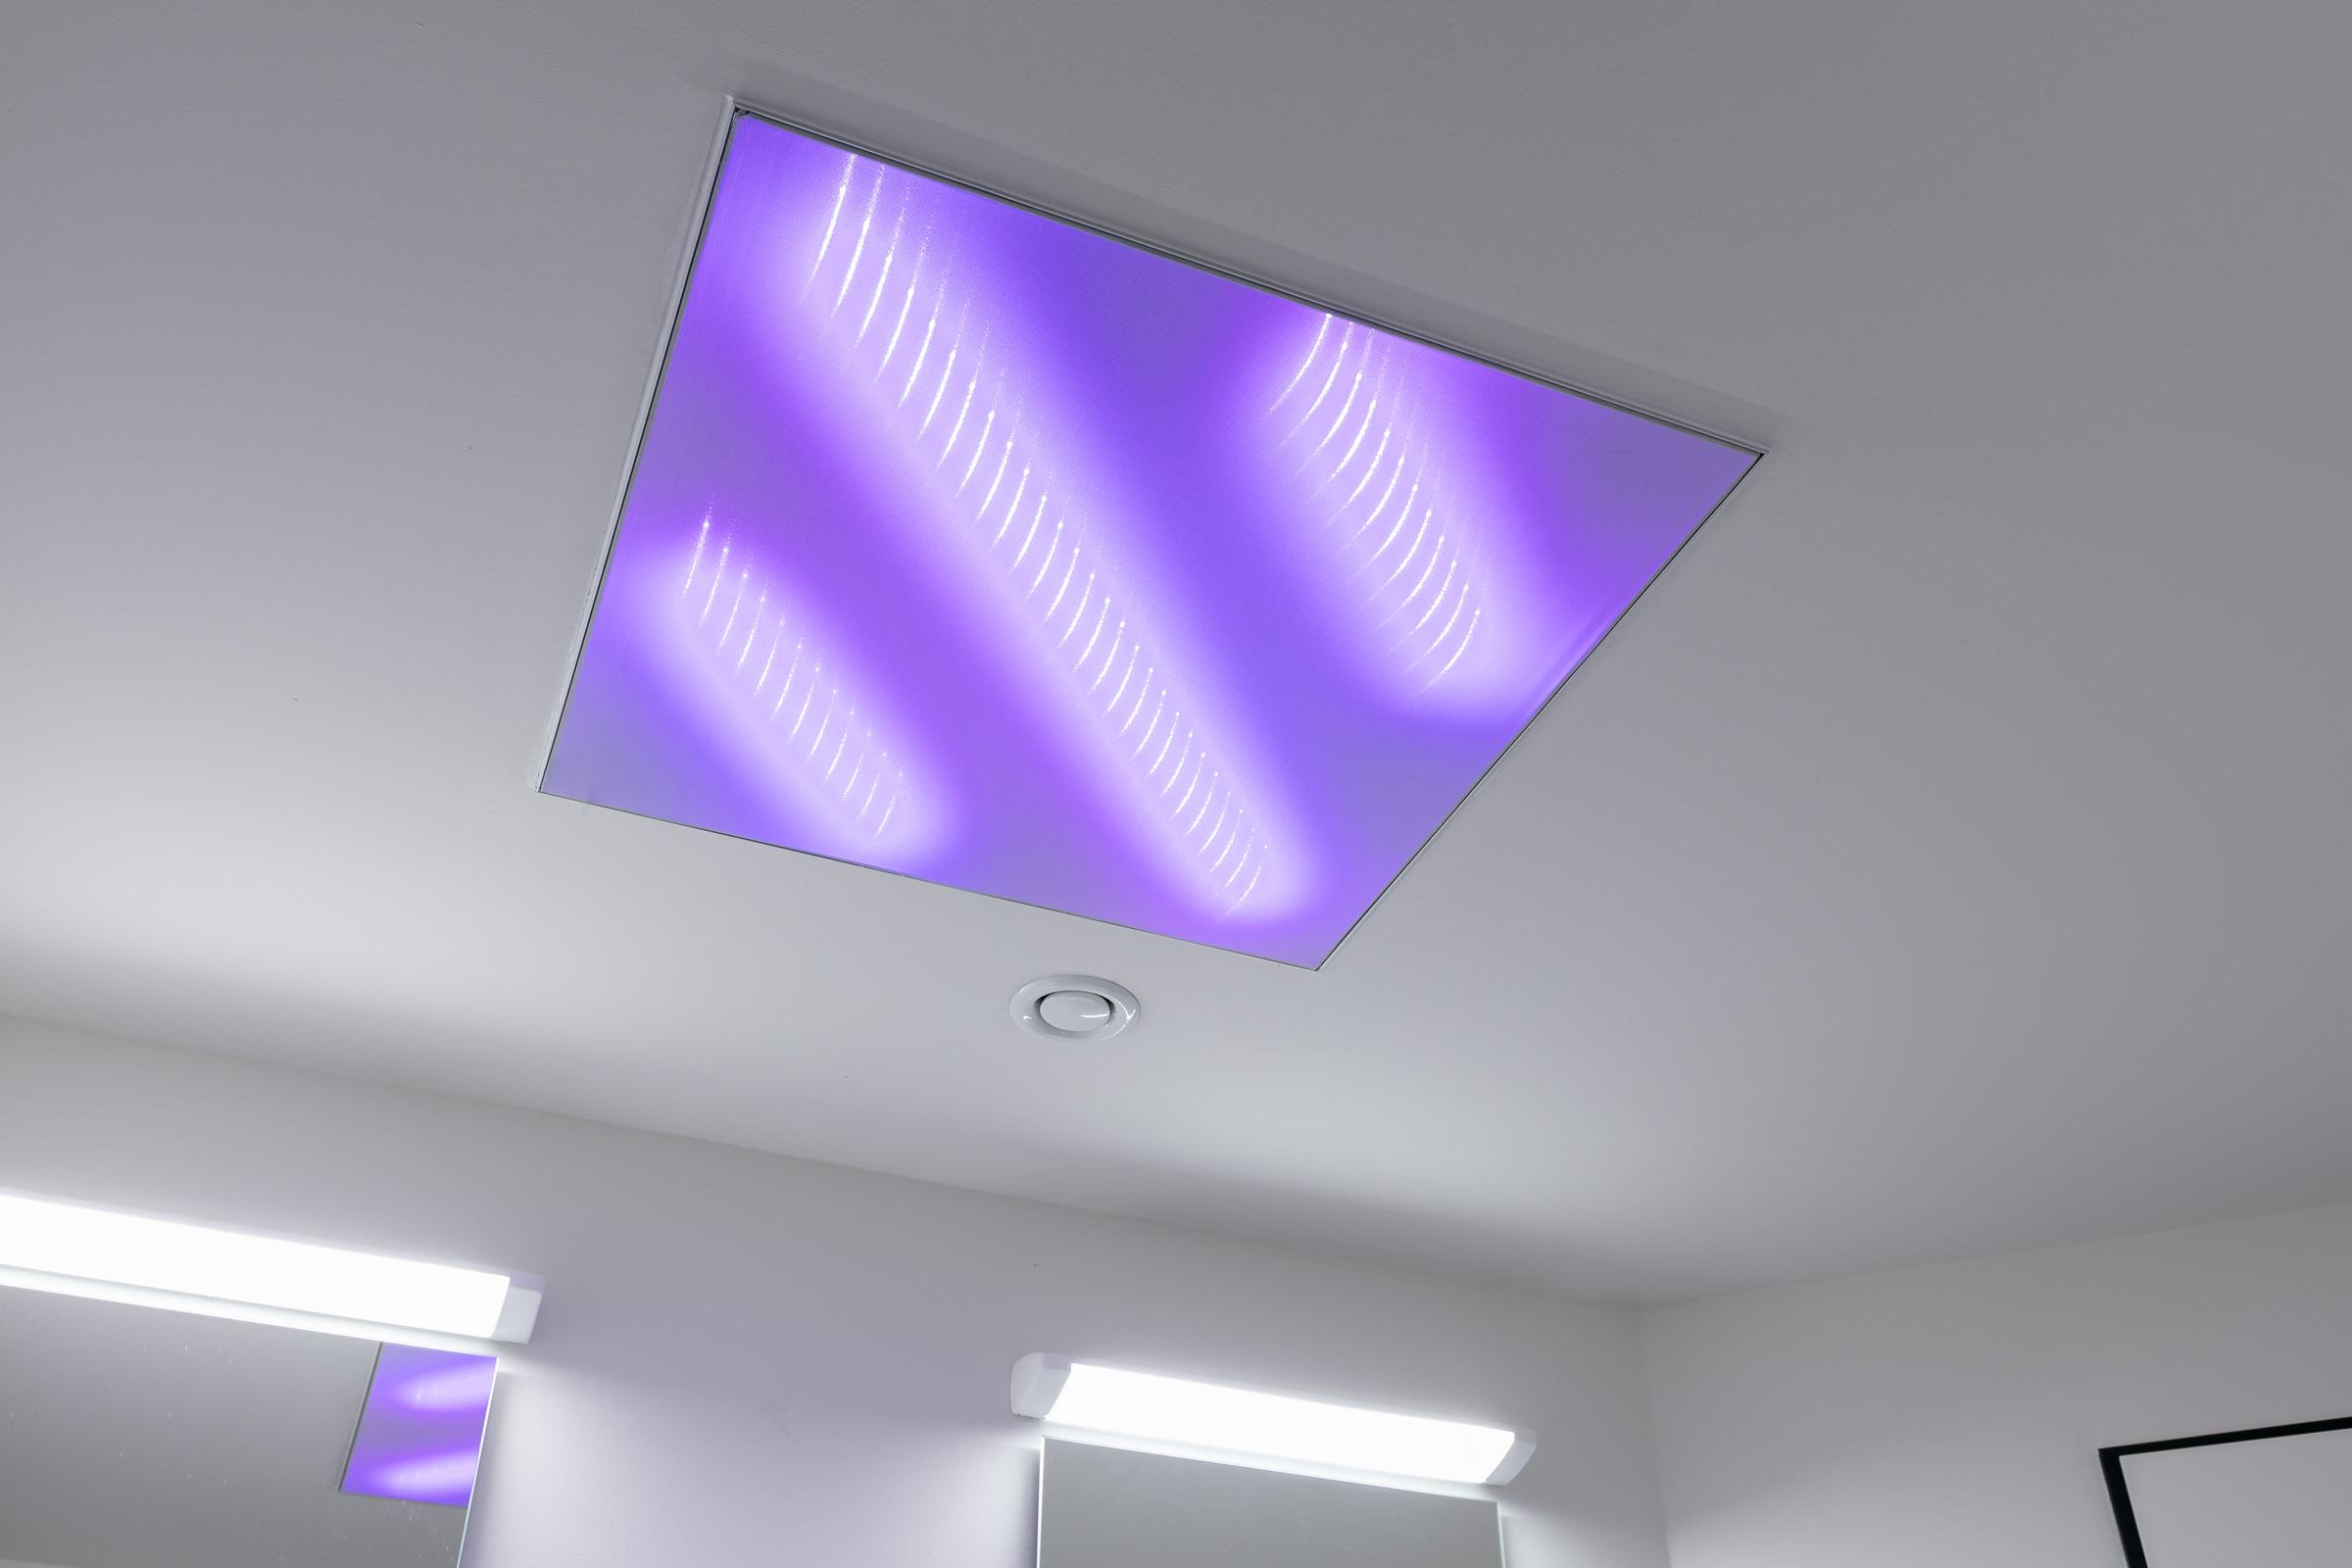 Eckige Deckenverkleidung mit LEDs und Textil in lila leuchtend